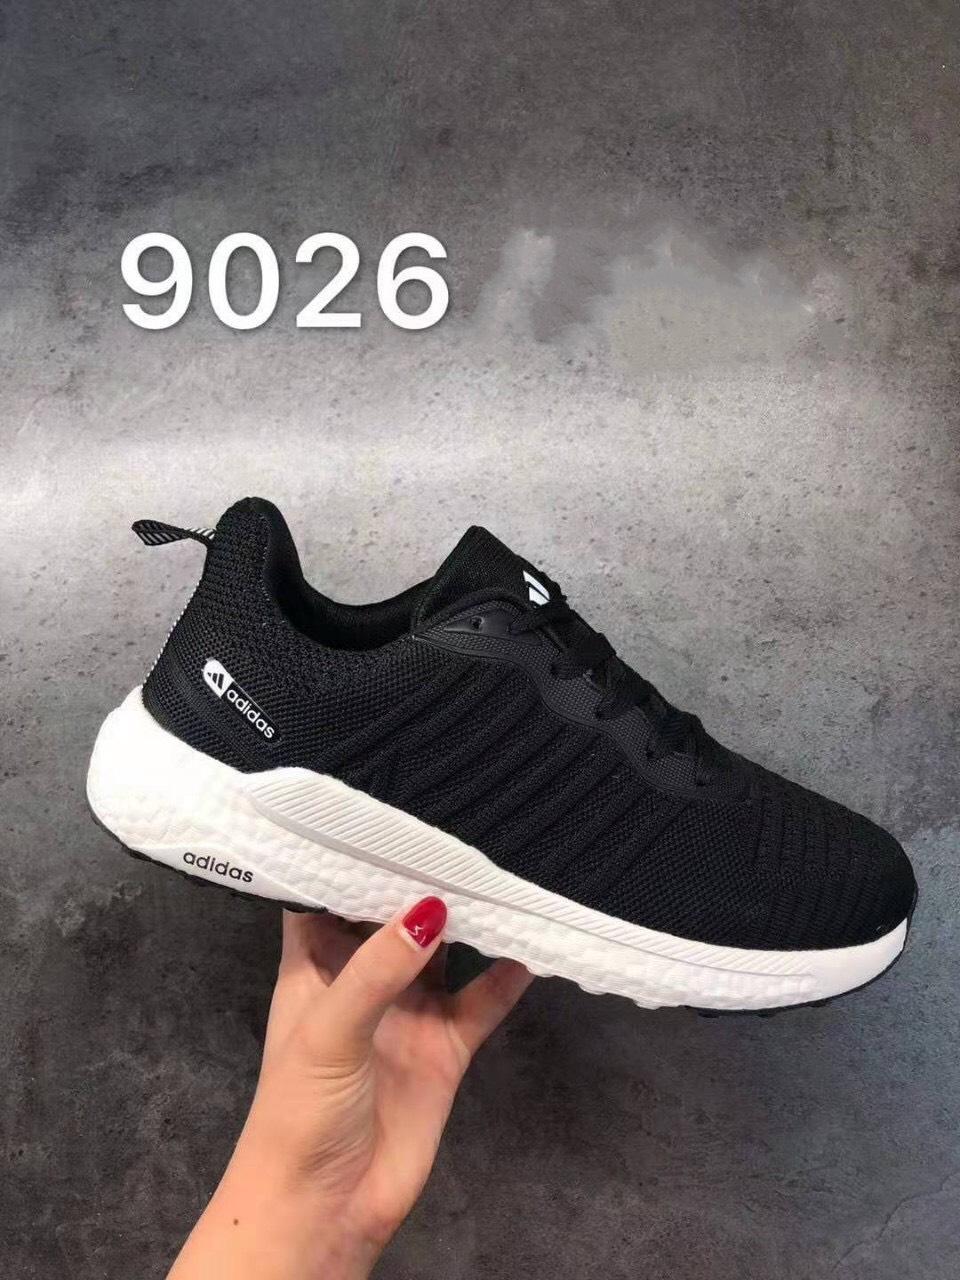 Giày Adidas Neo Nam V26 màu đen trắng